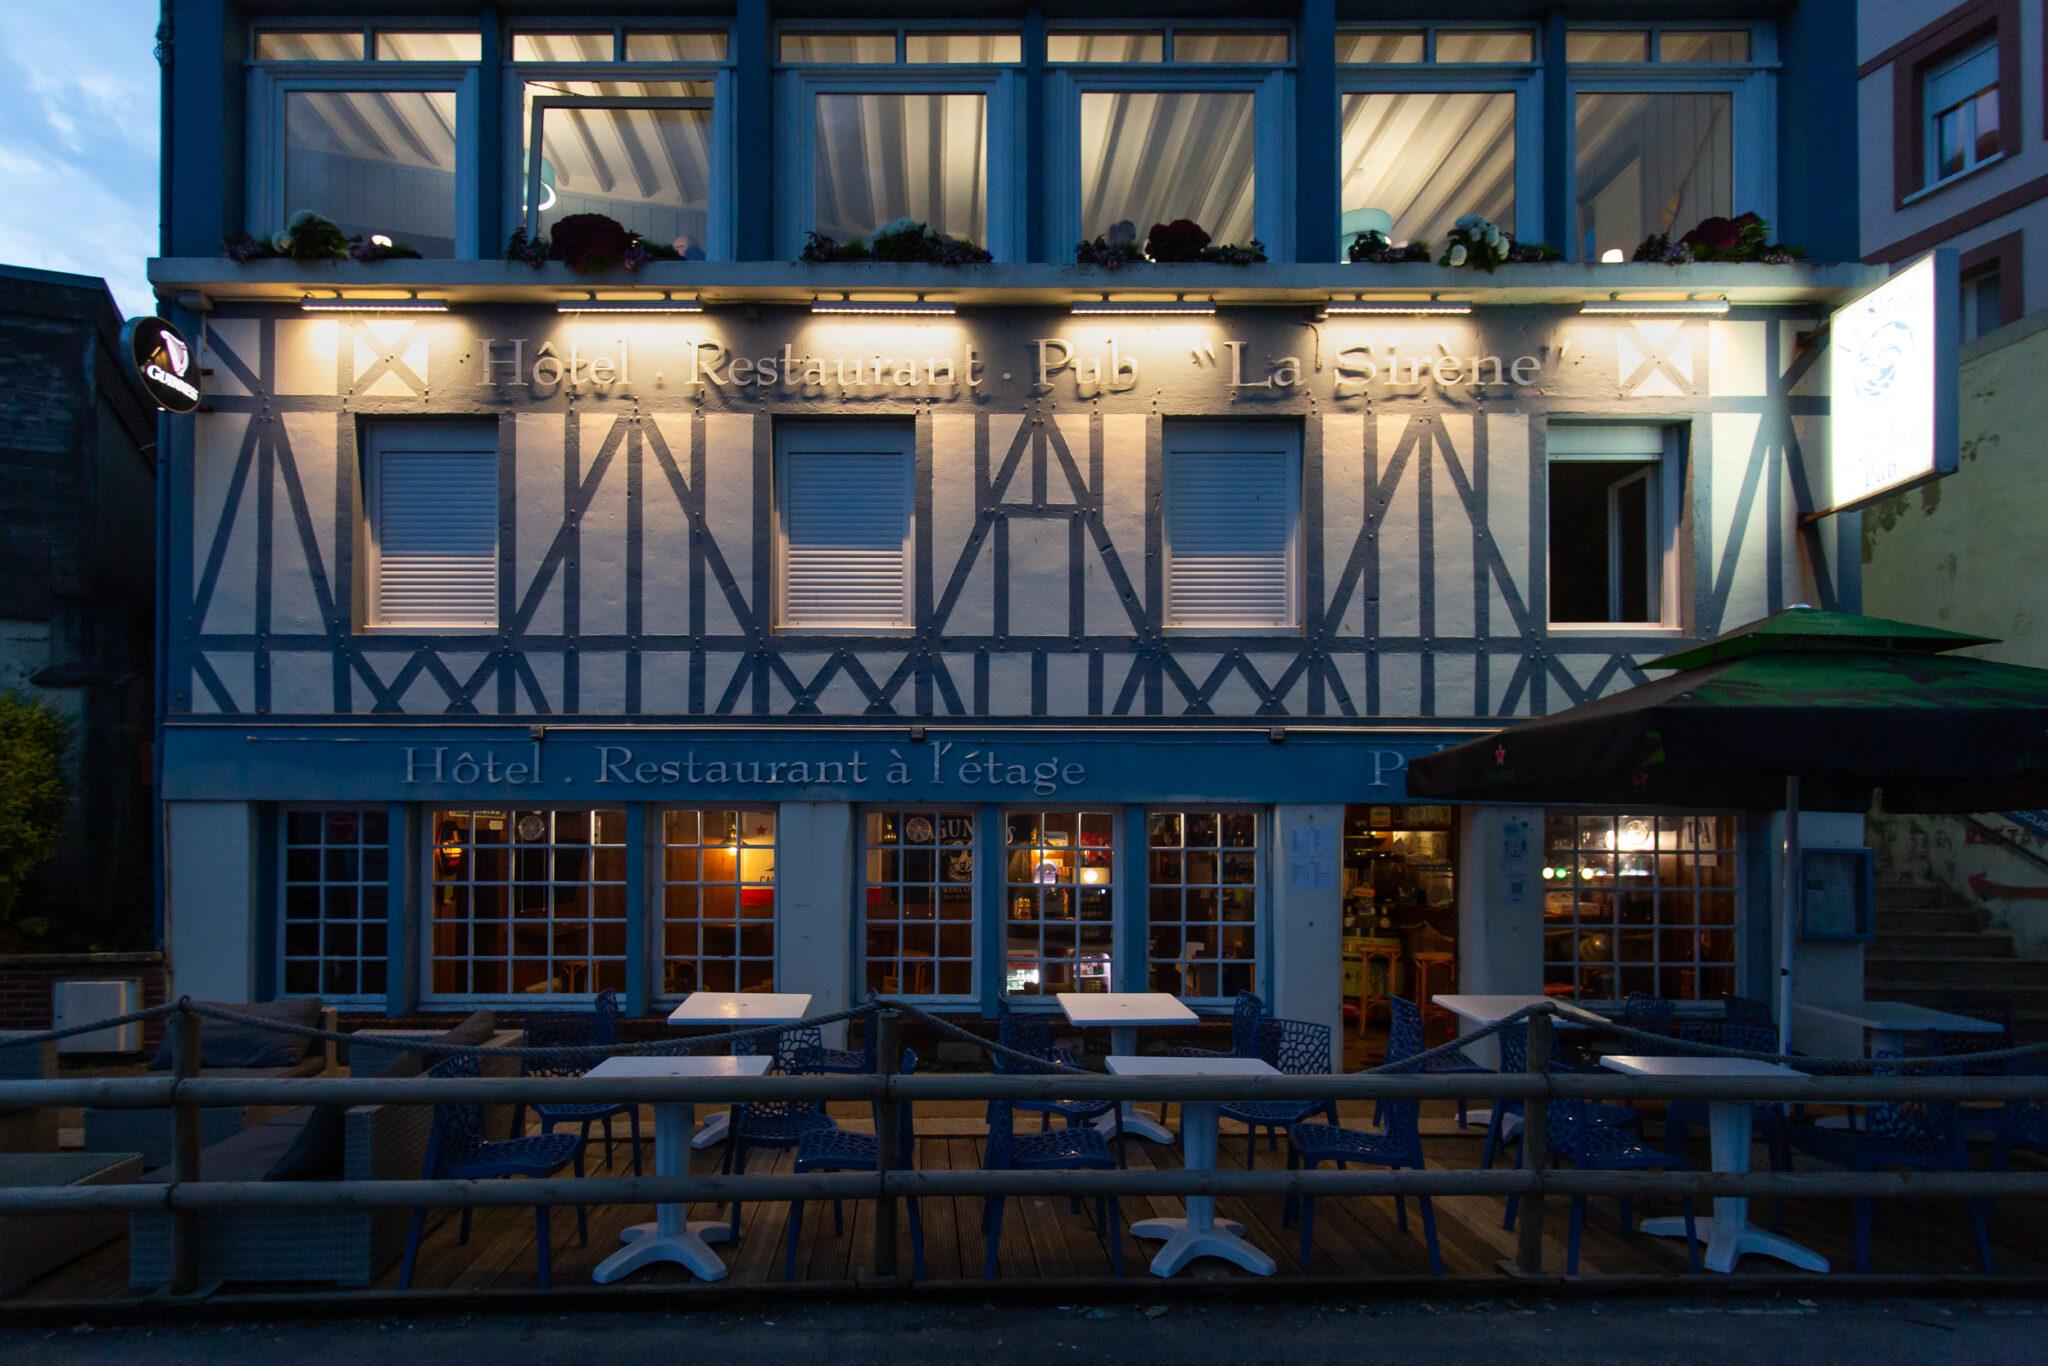 Hôtel Restaurant Pub La Sirène